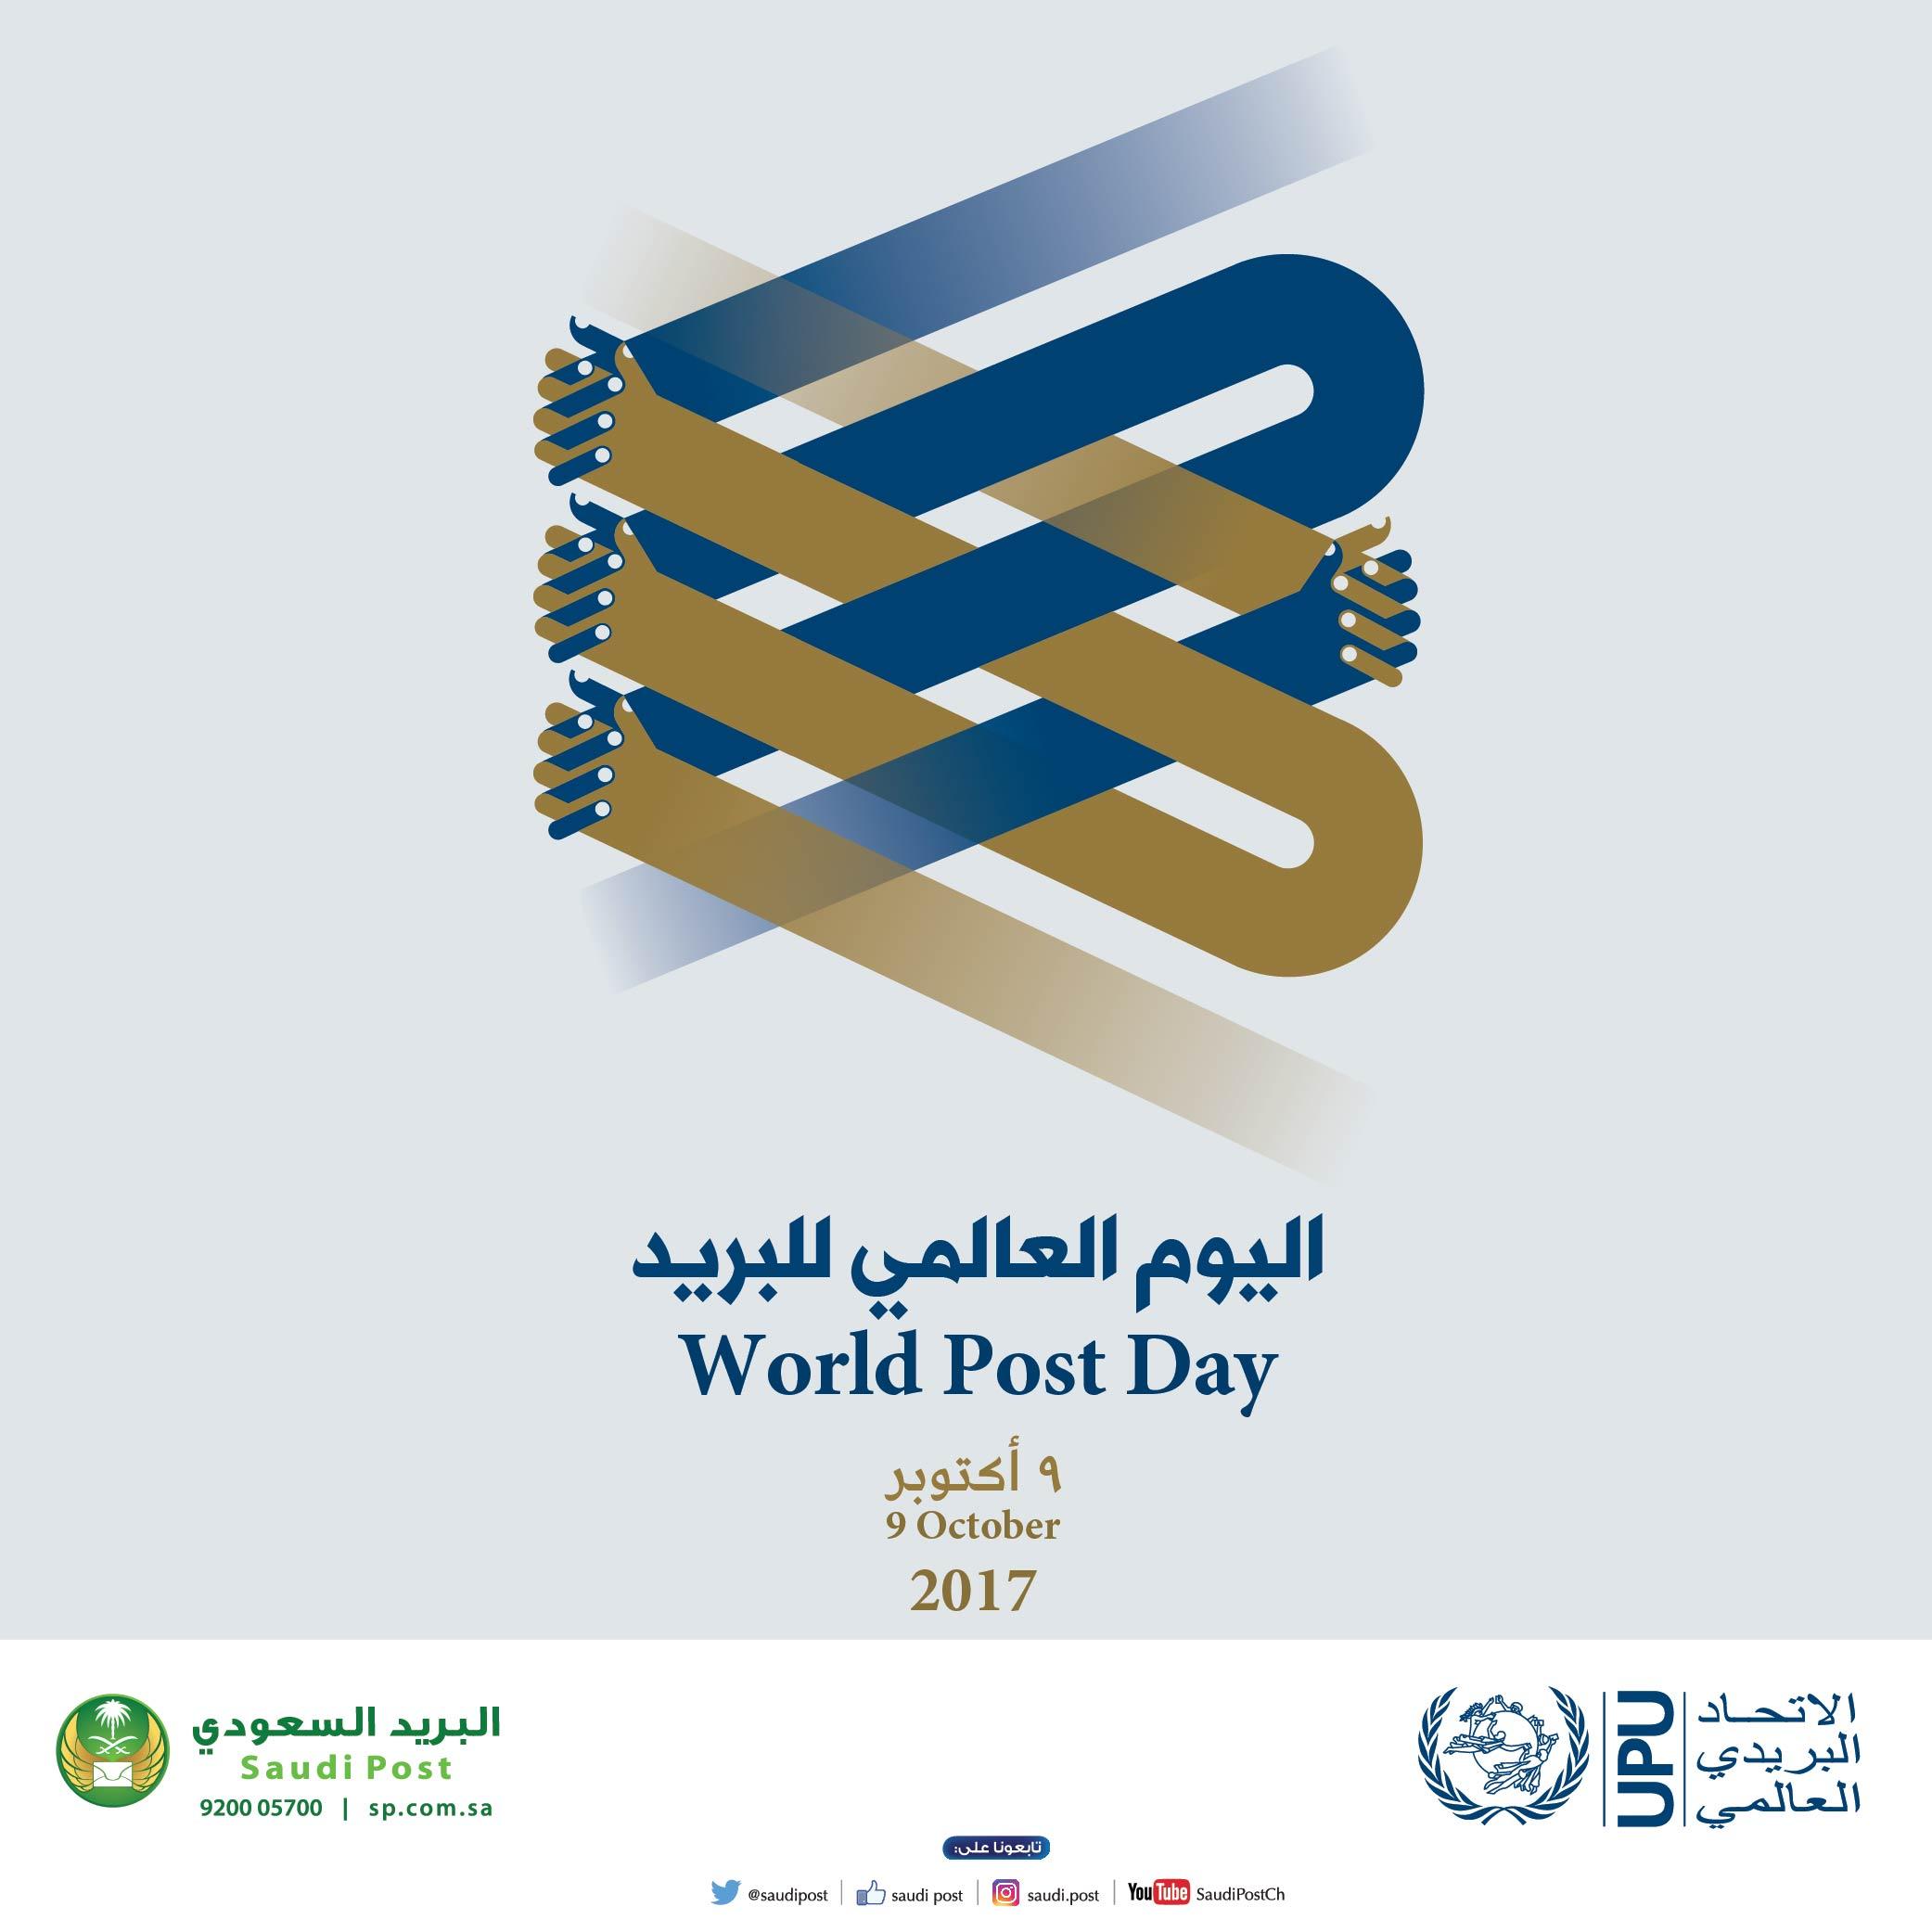 مؤسسة البريد السعودي تحتفل باليوم العالمي للبريد   Ministry